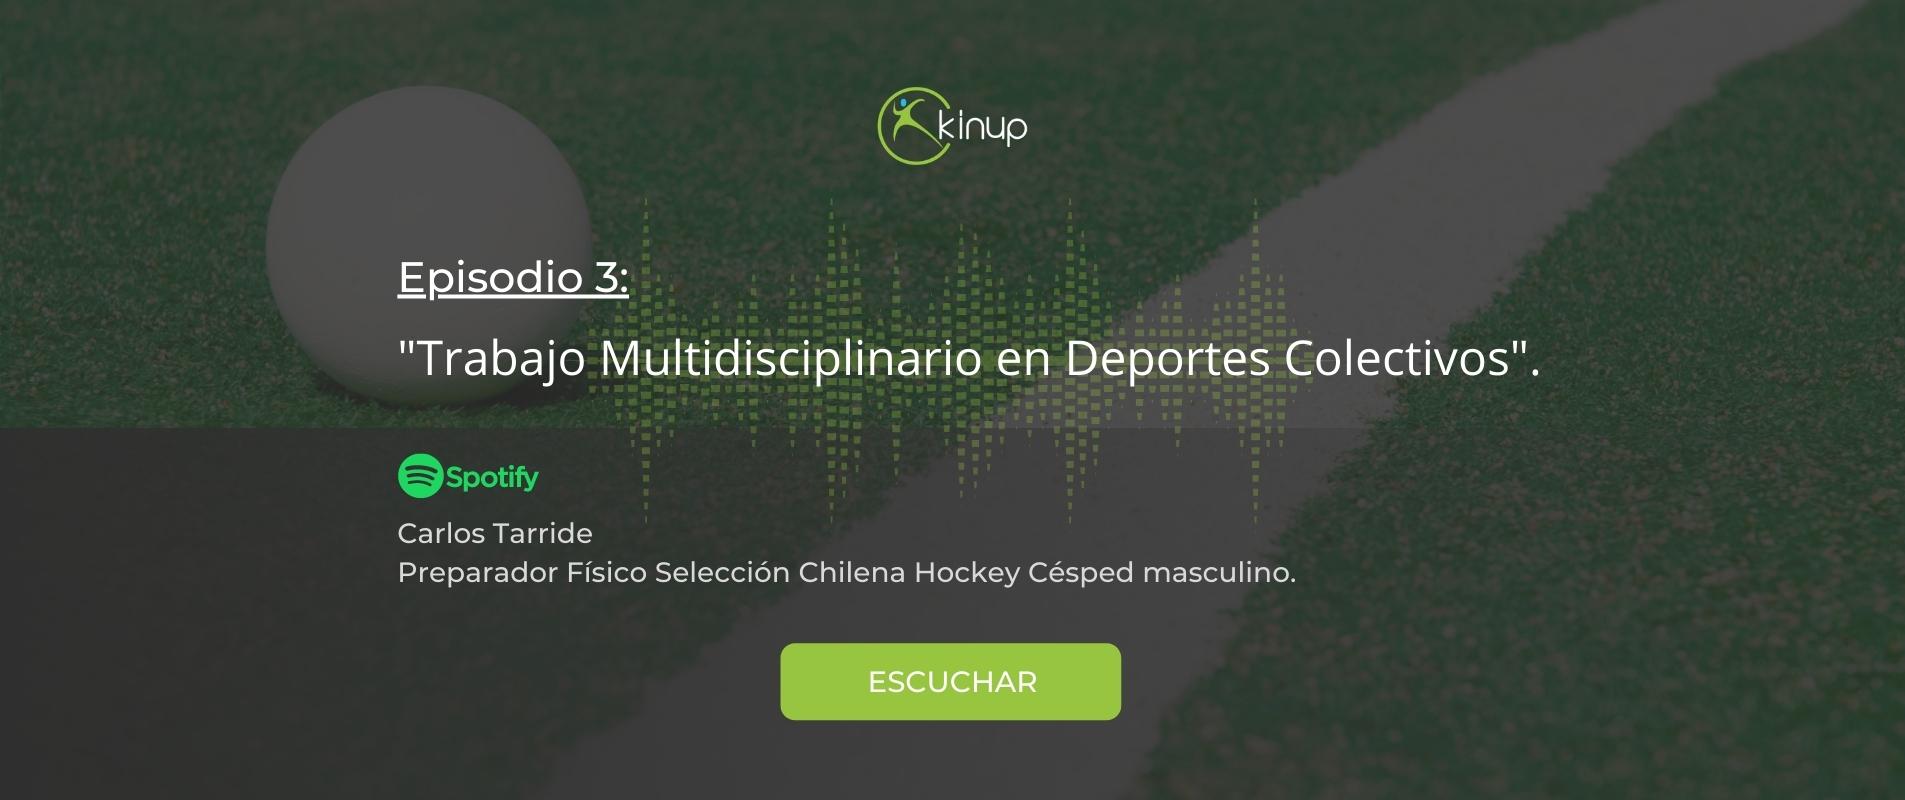 Podcast - Trabajo Multidisciplinario en Deportes Colectivos